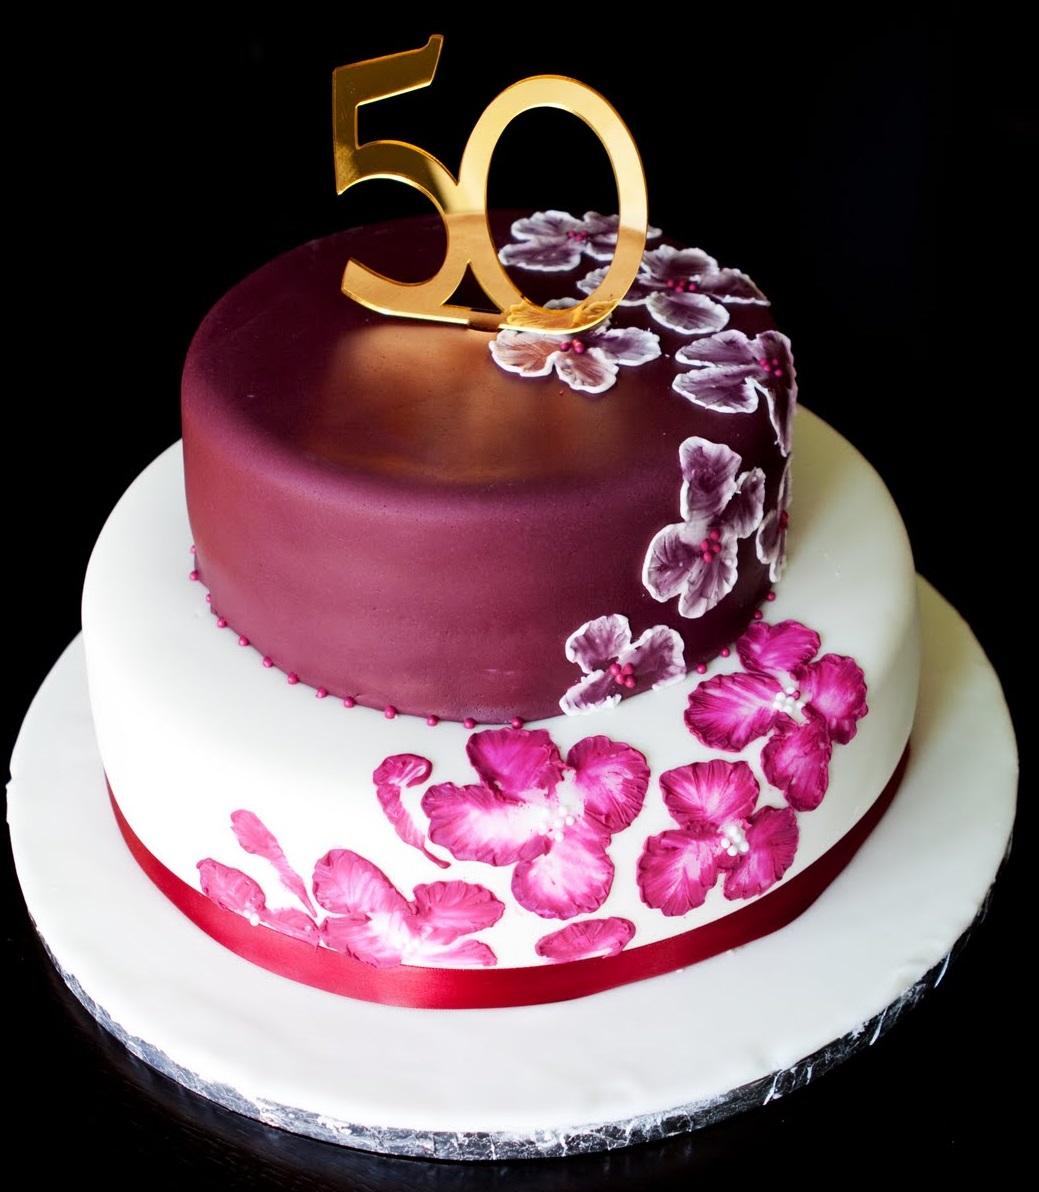 50 rođendan Čestitke za 50 rođendan – Čestitke Za Sve Prilike! 50 rođendan